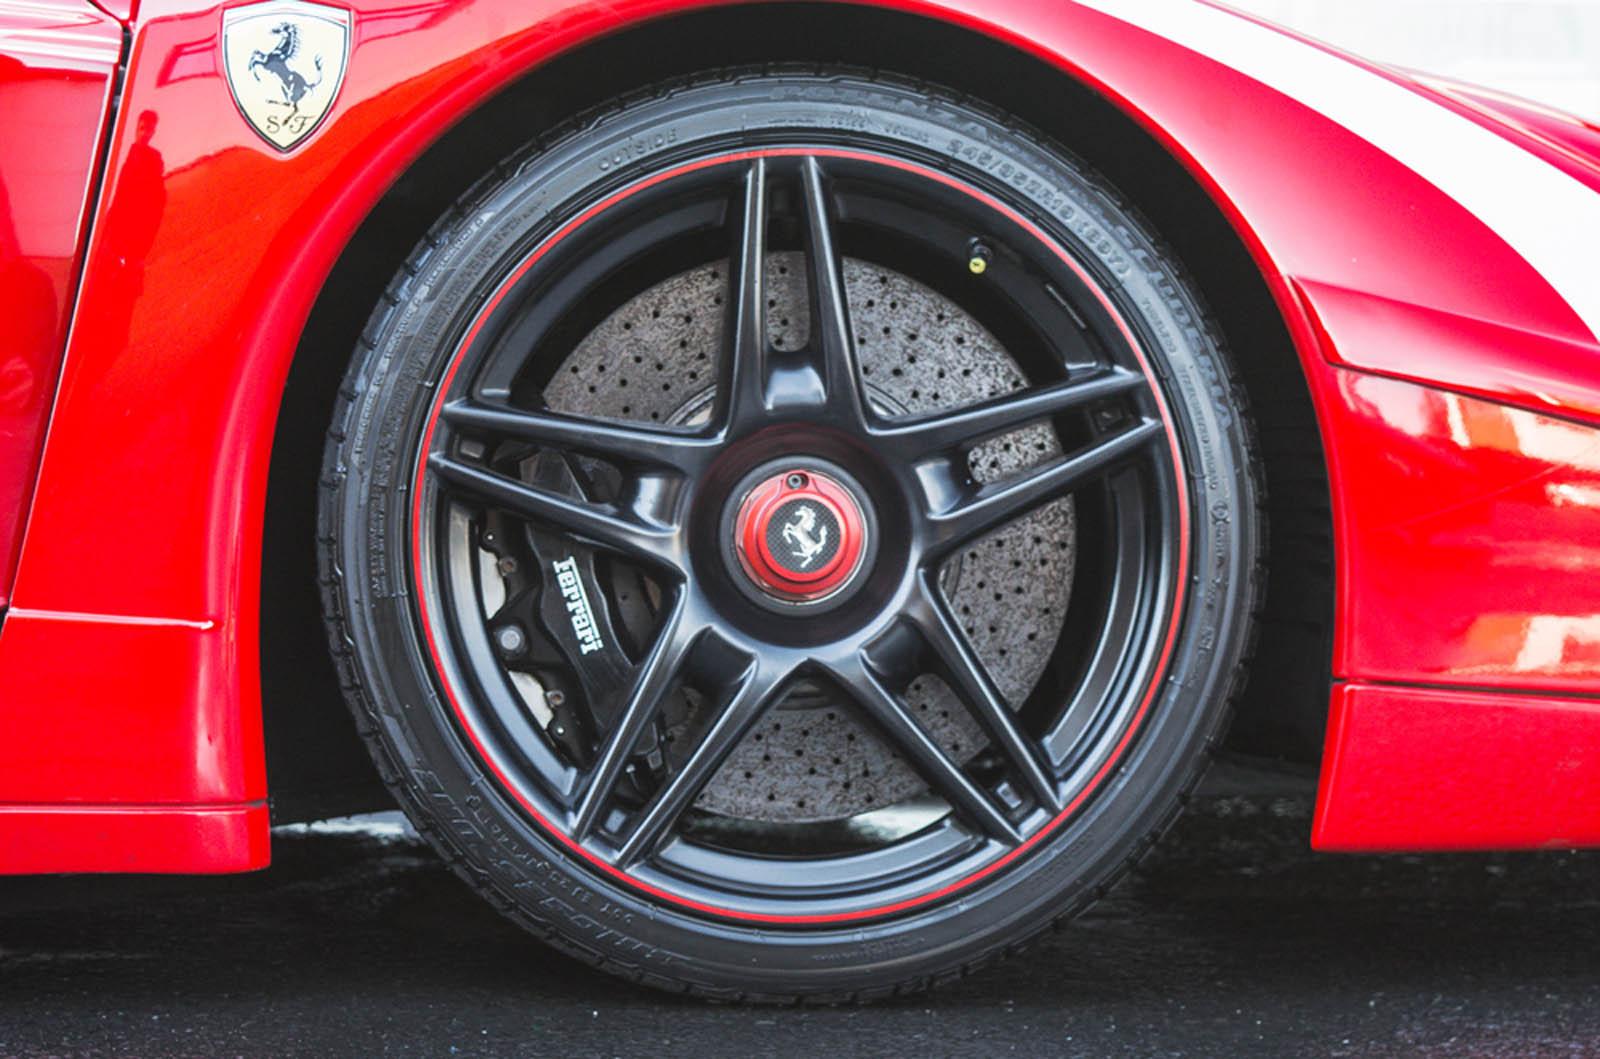 Ferrari_FXX_Evoluzione_for_sale_04